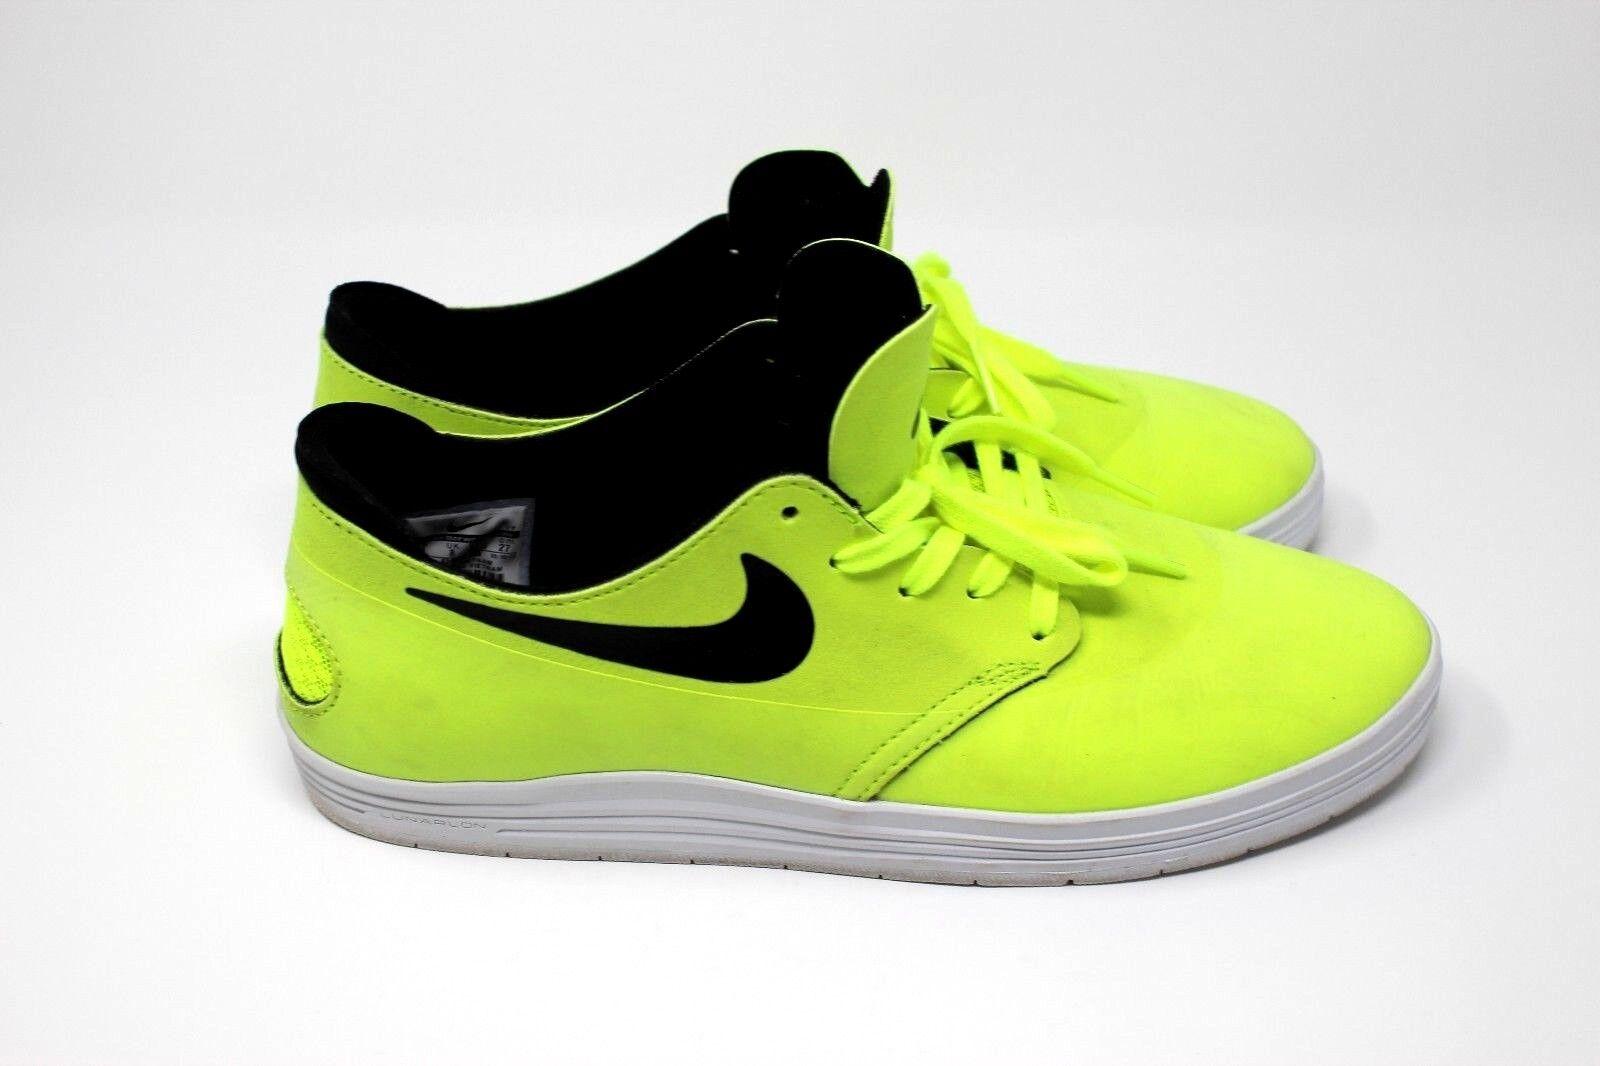 best sneakers 14df6 fff12 Mens Nike SB Lunarlon Light Light Light Green Skateboarding Shoe, Suede  Upper, Size 9